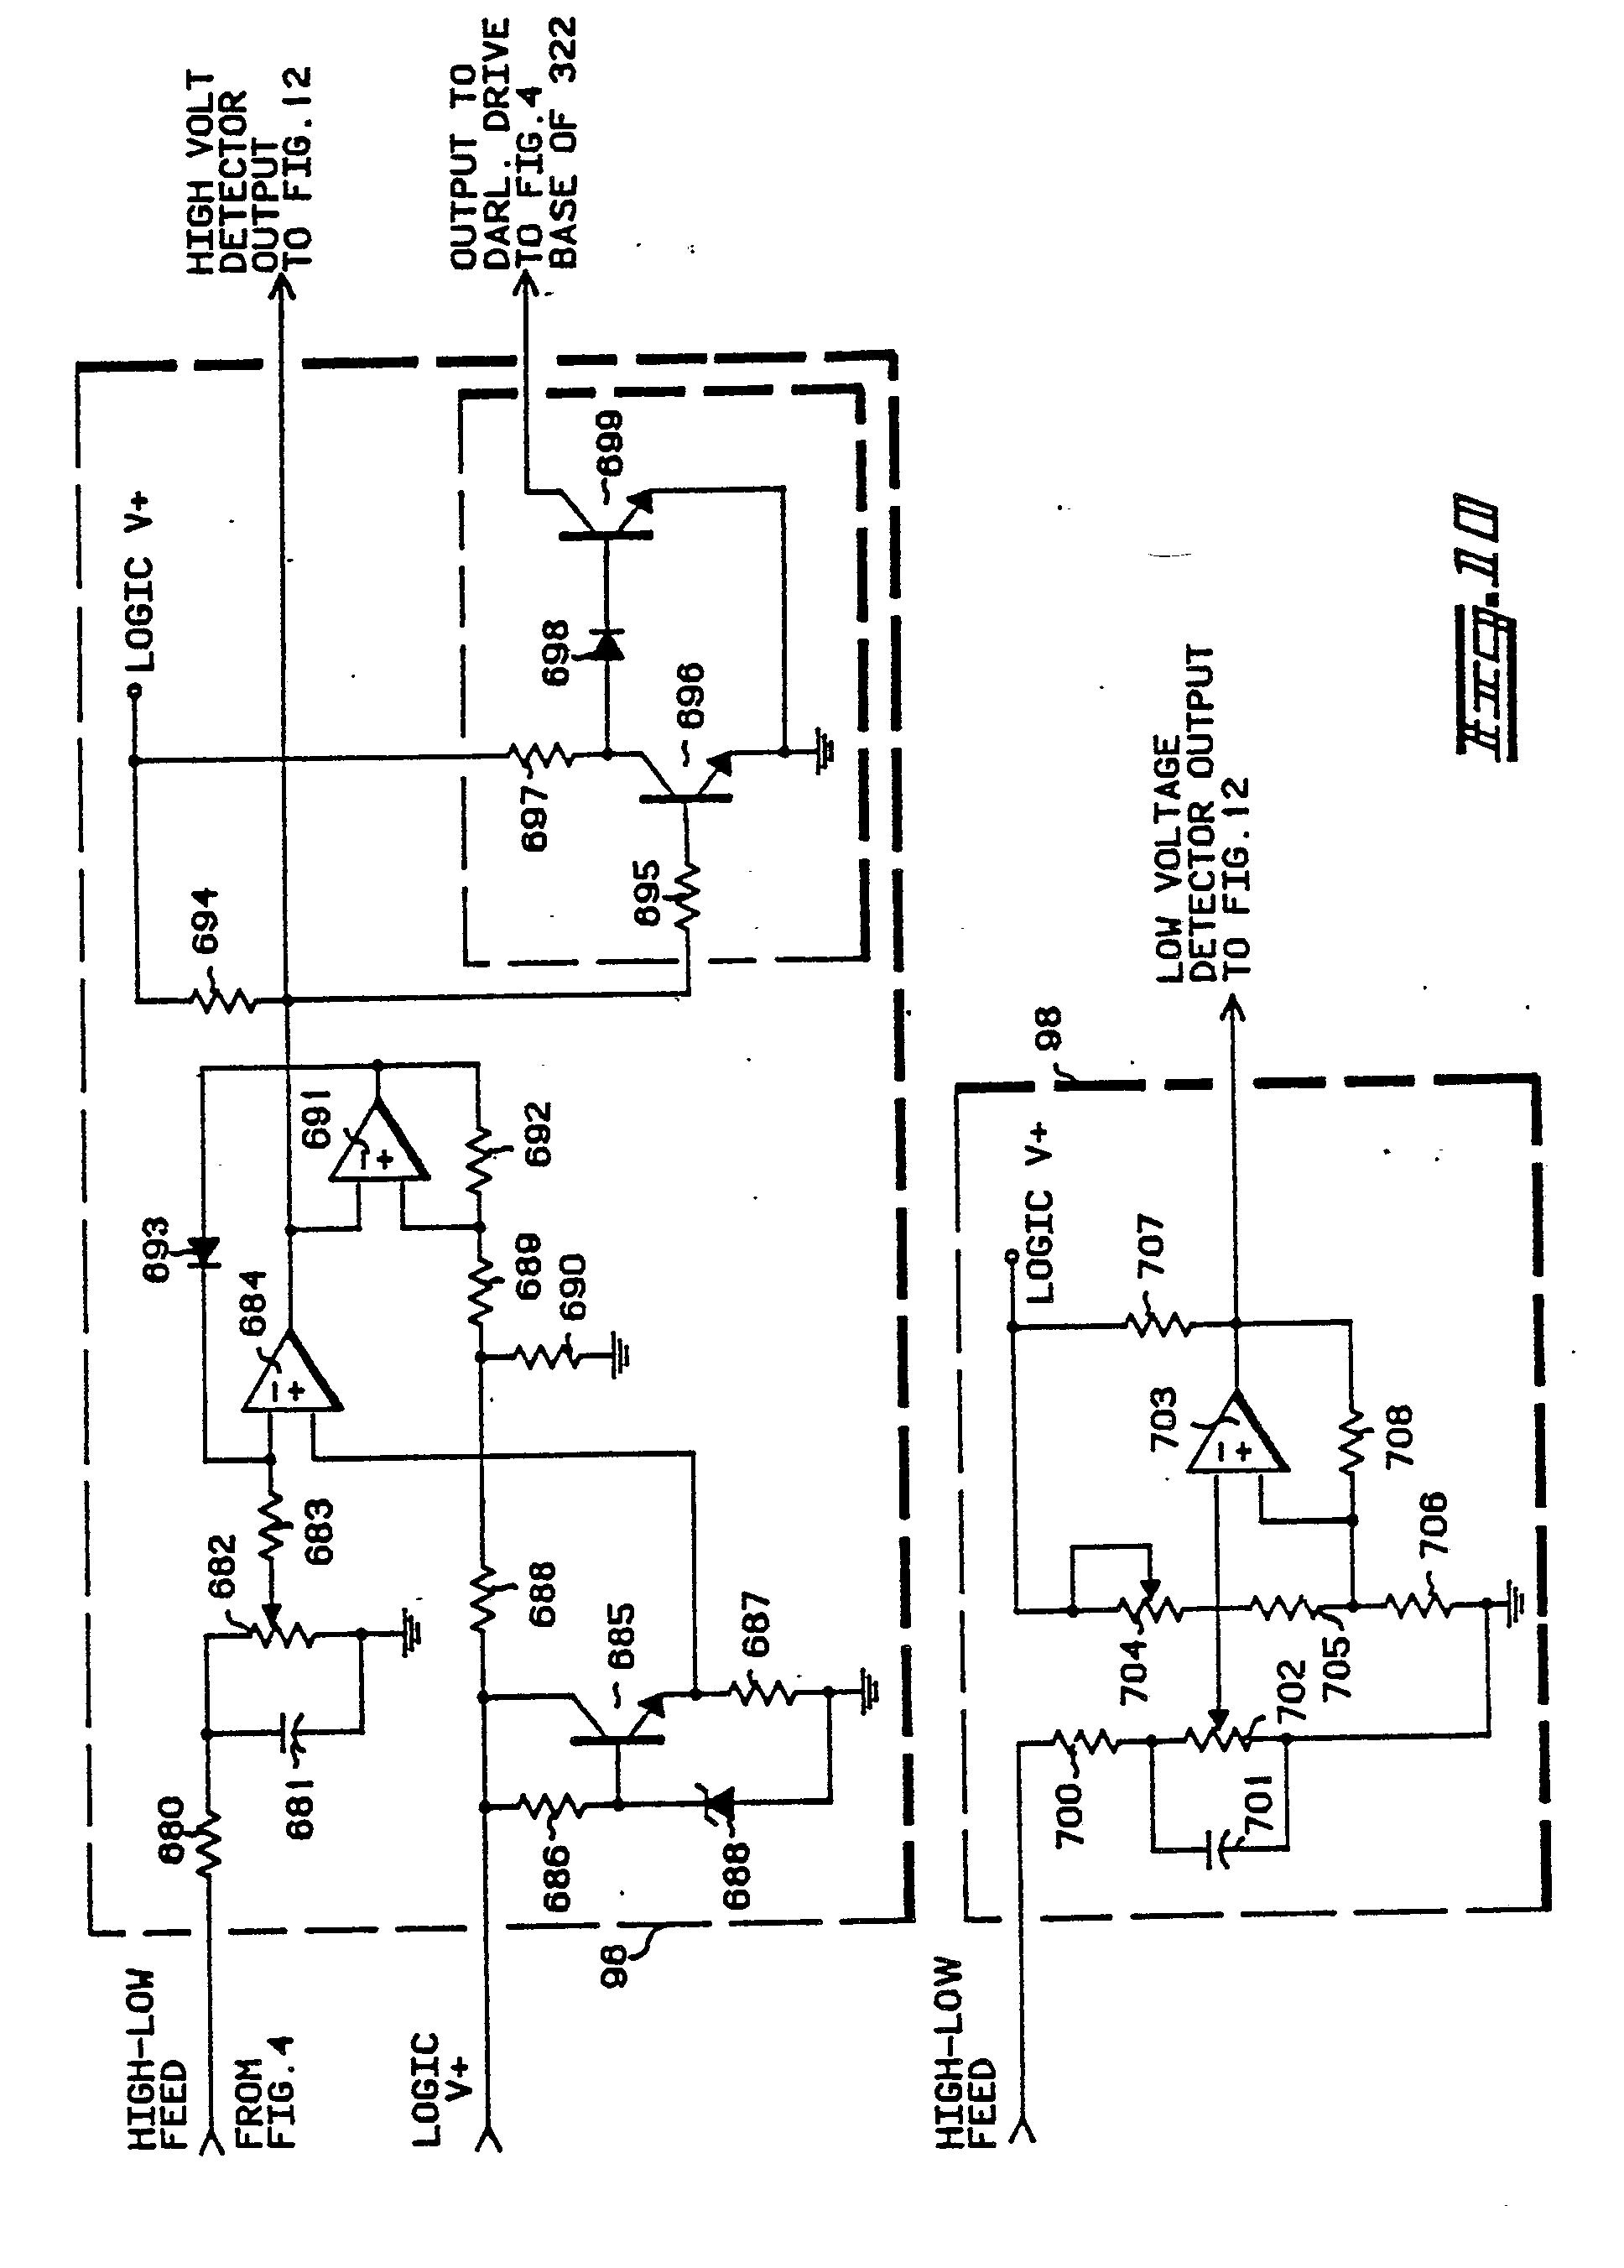 Motorola Alternator Wiring Diagram 764a Trusted Diagrams Subaru 2wire Plug Data U2022 Chevy